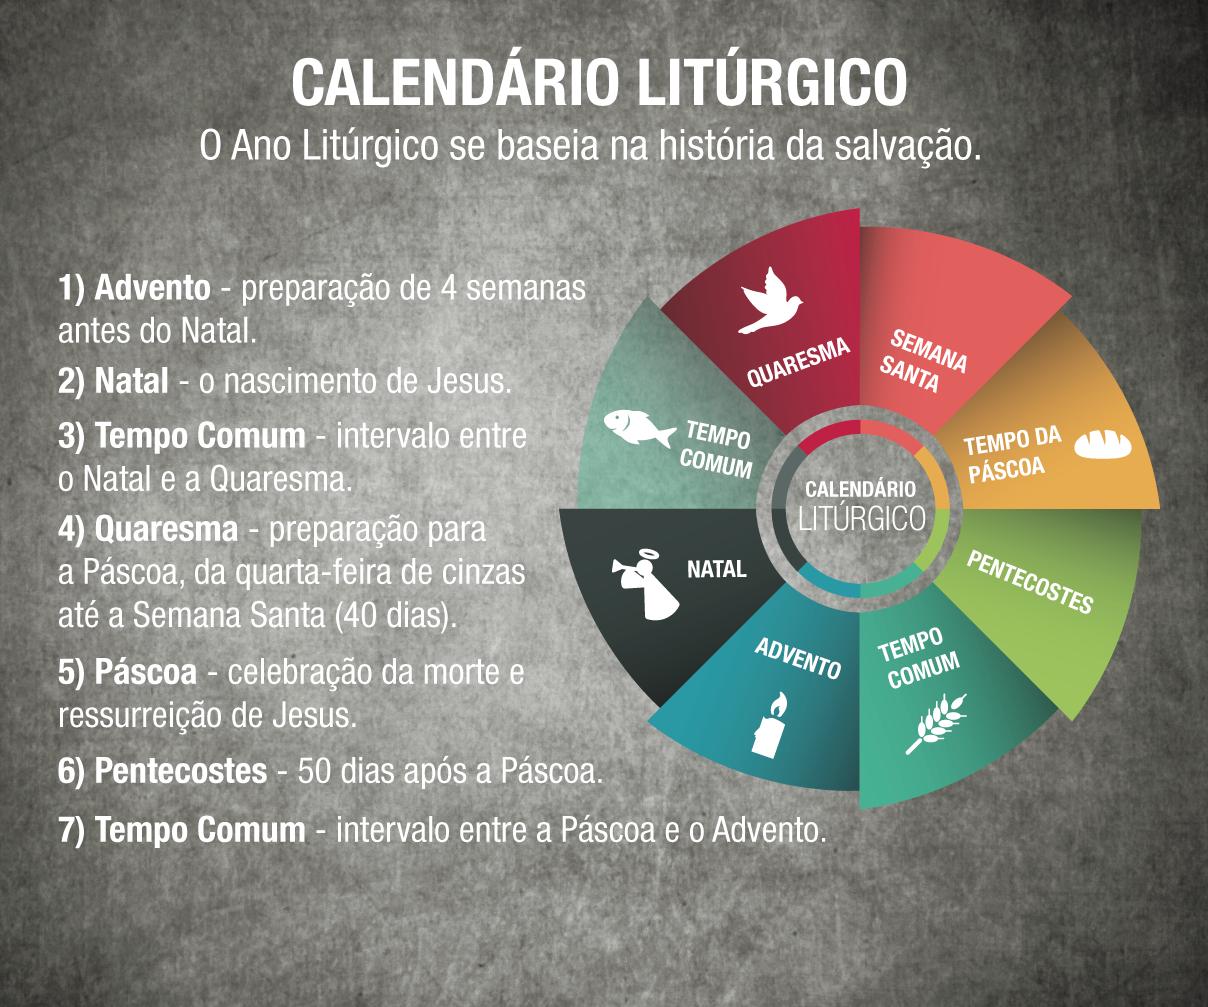 Pastoral - Calendário Litúrgico